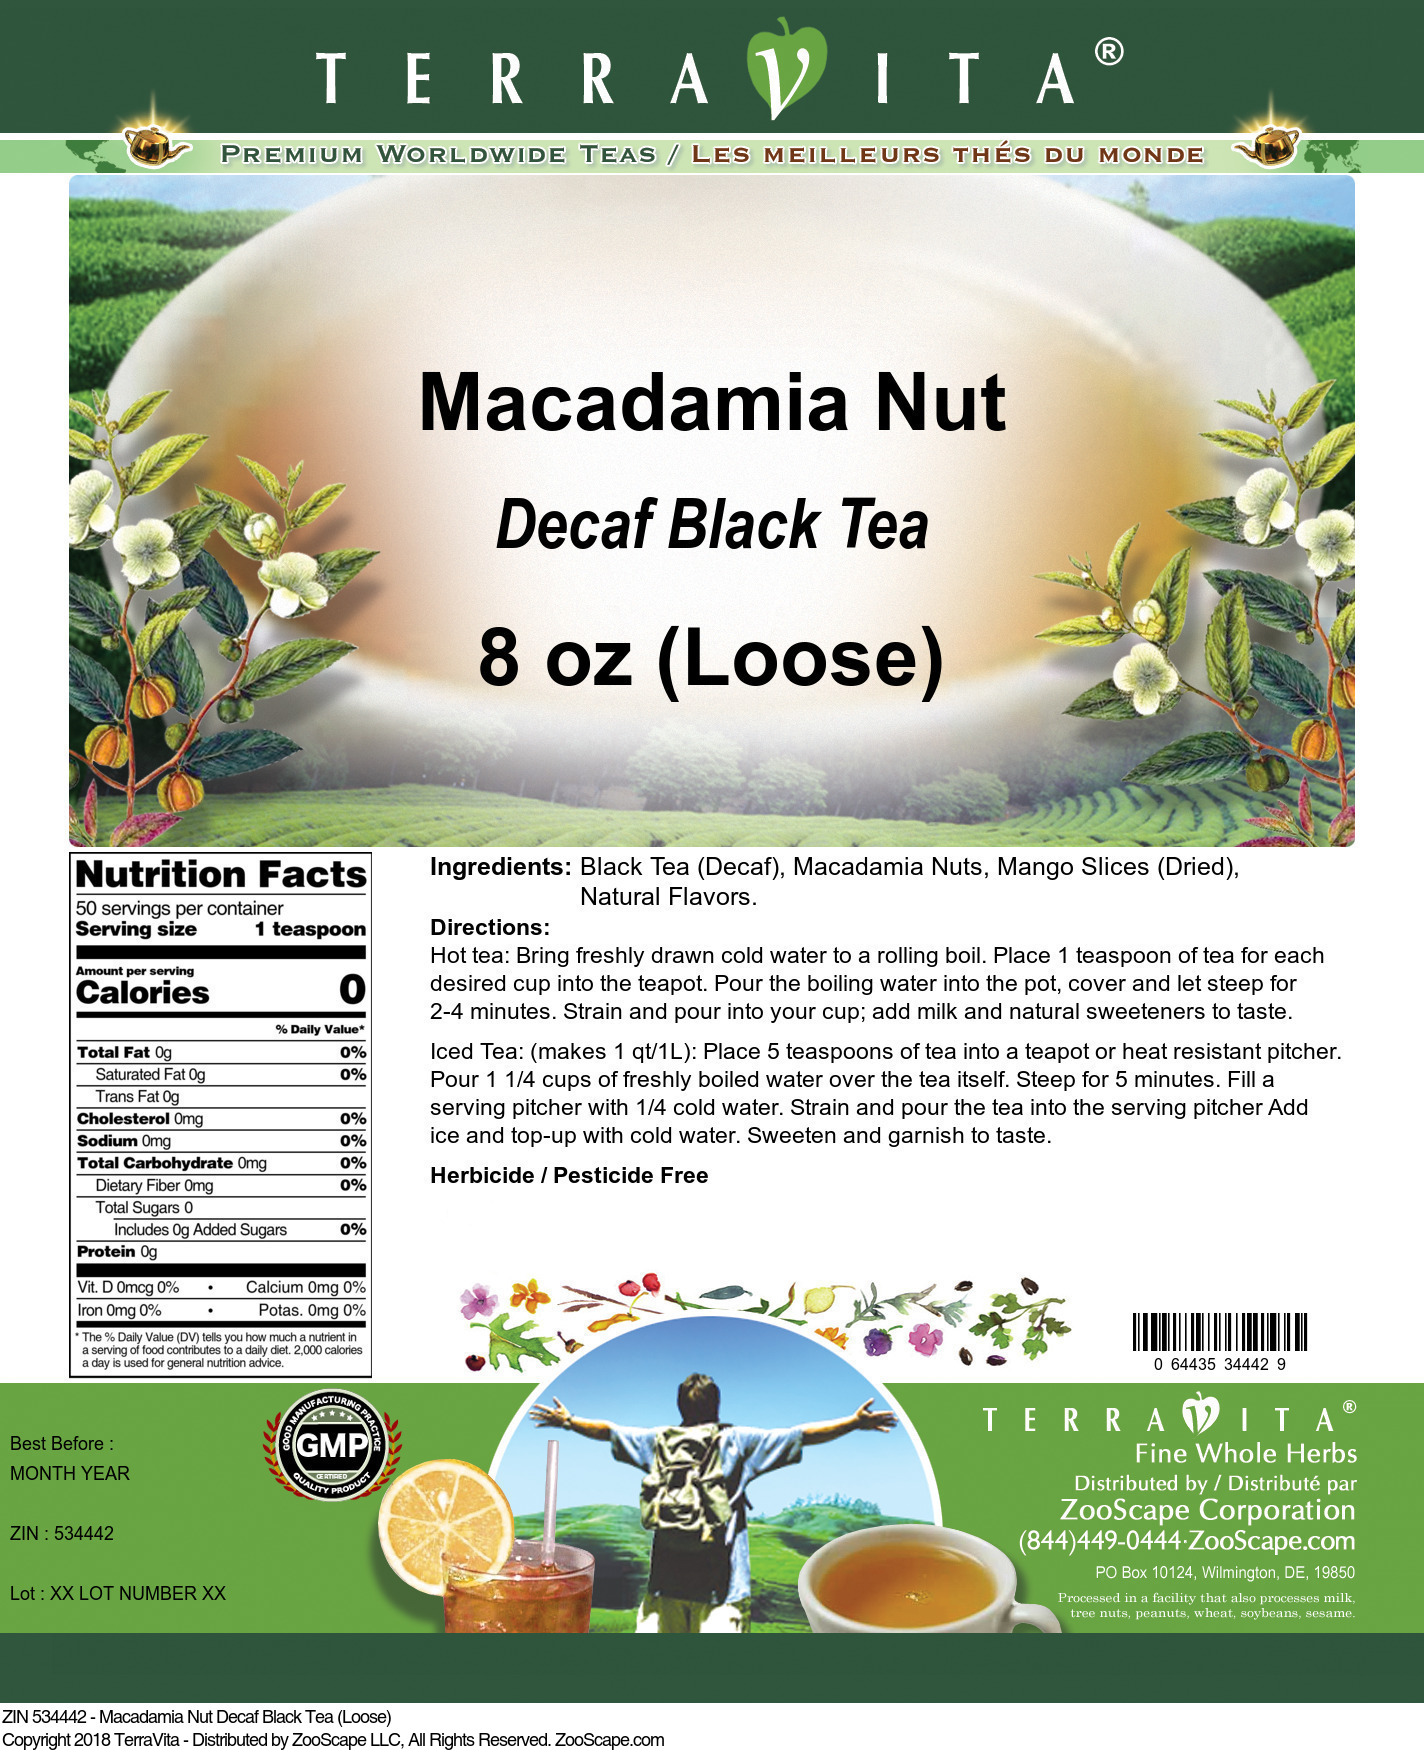 Macadamia Nut Decaf Black Tea (Loose)